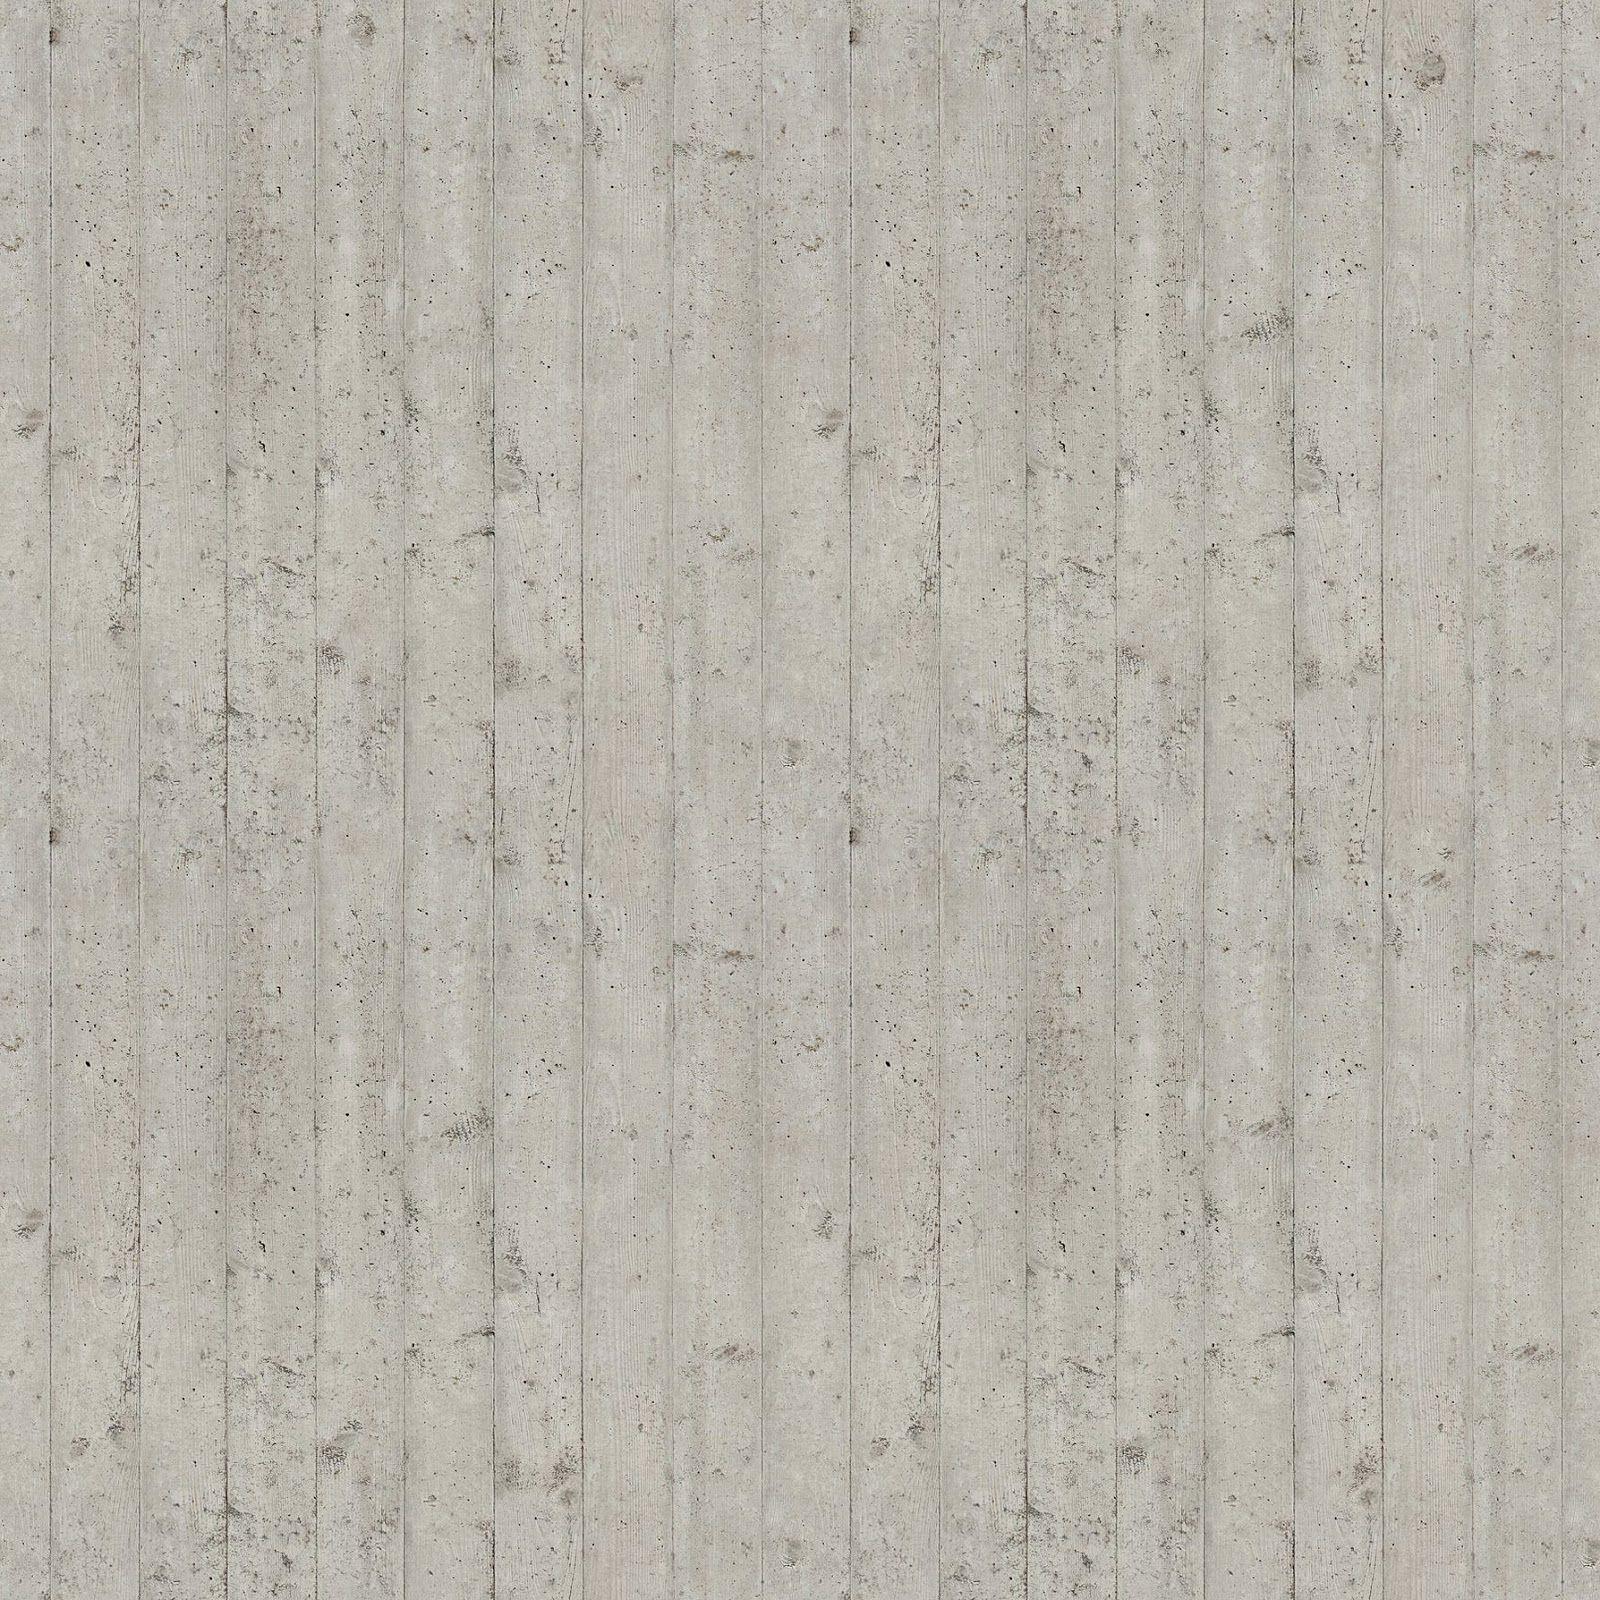 Concrete Wood Texture Texture Texture Mapping Concrete Texture